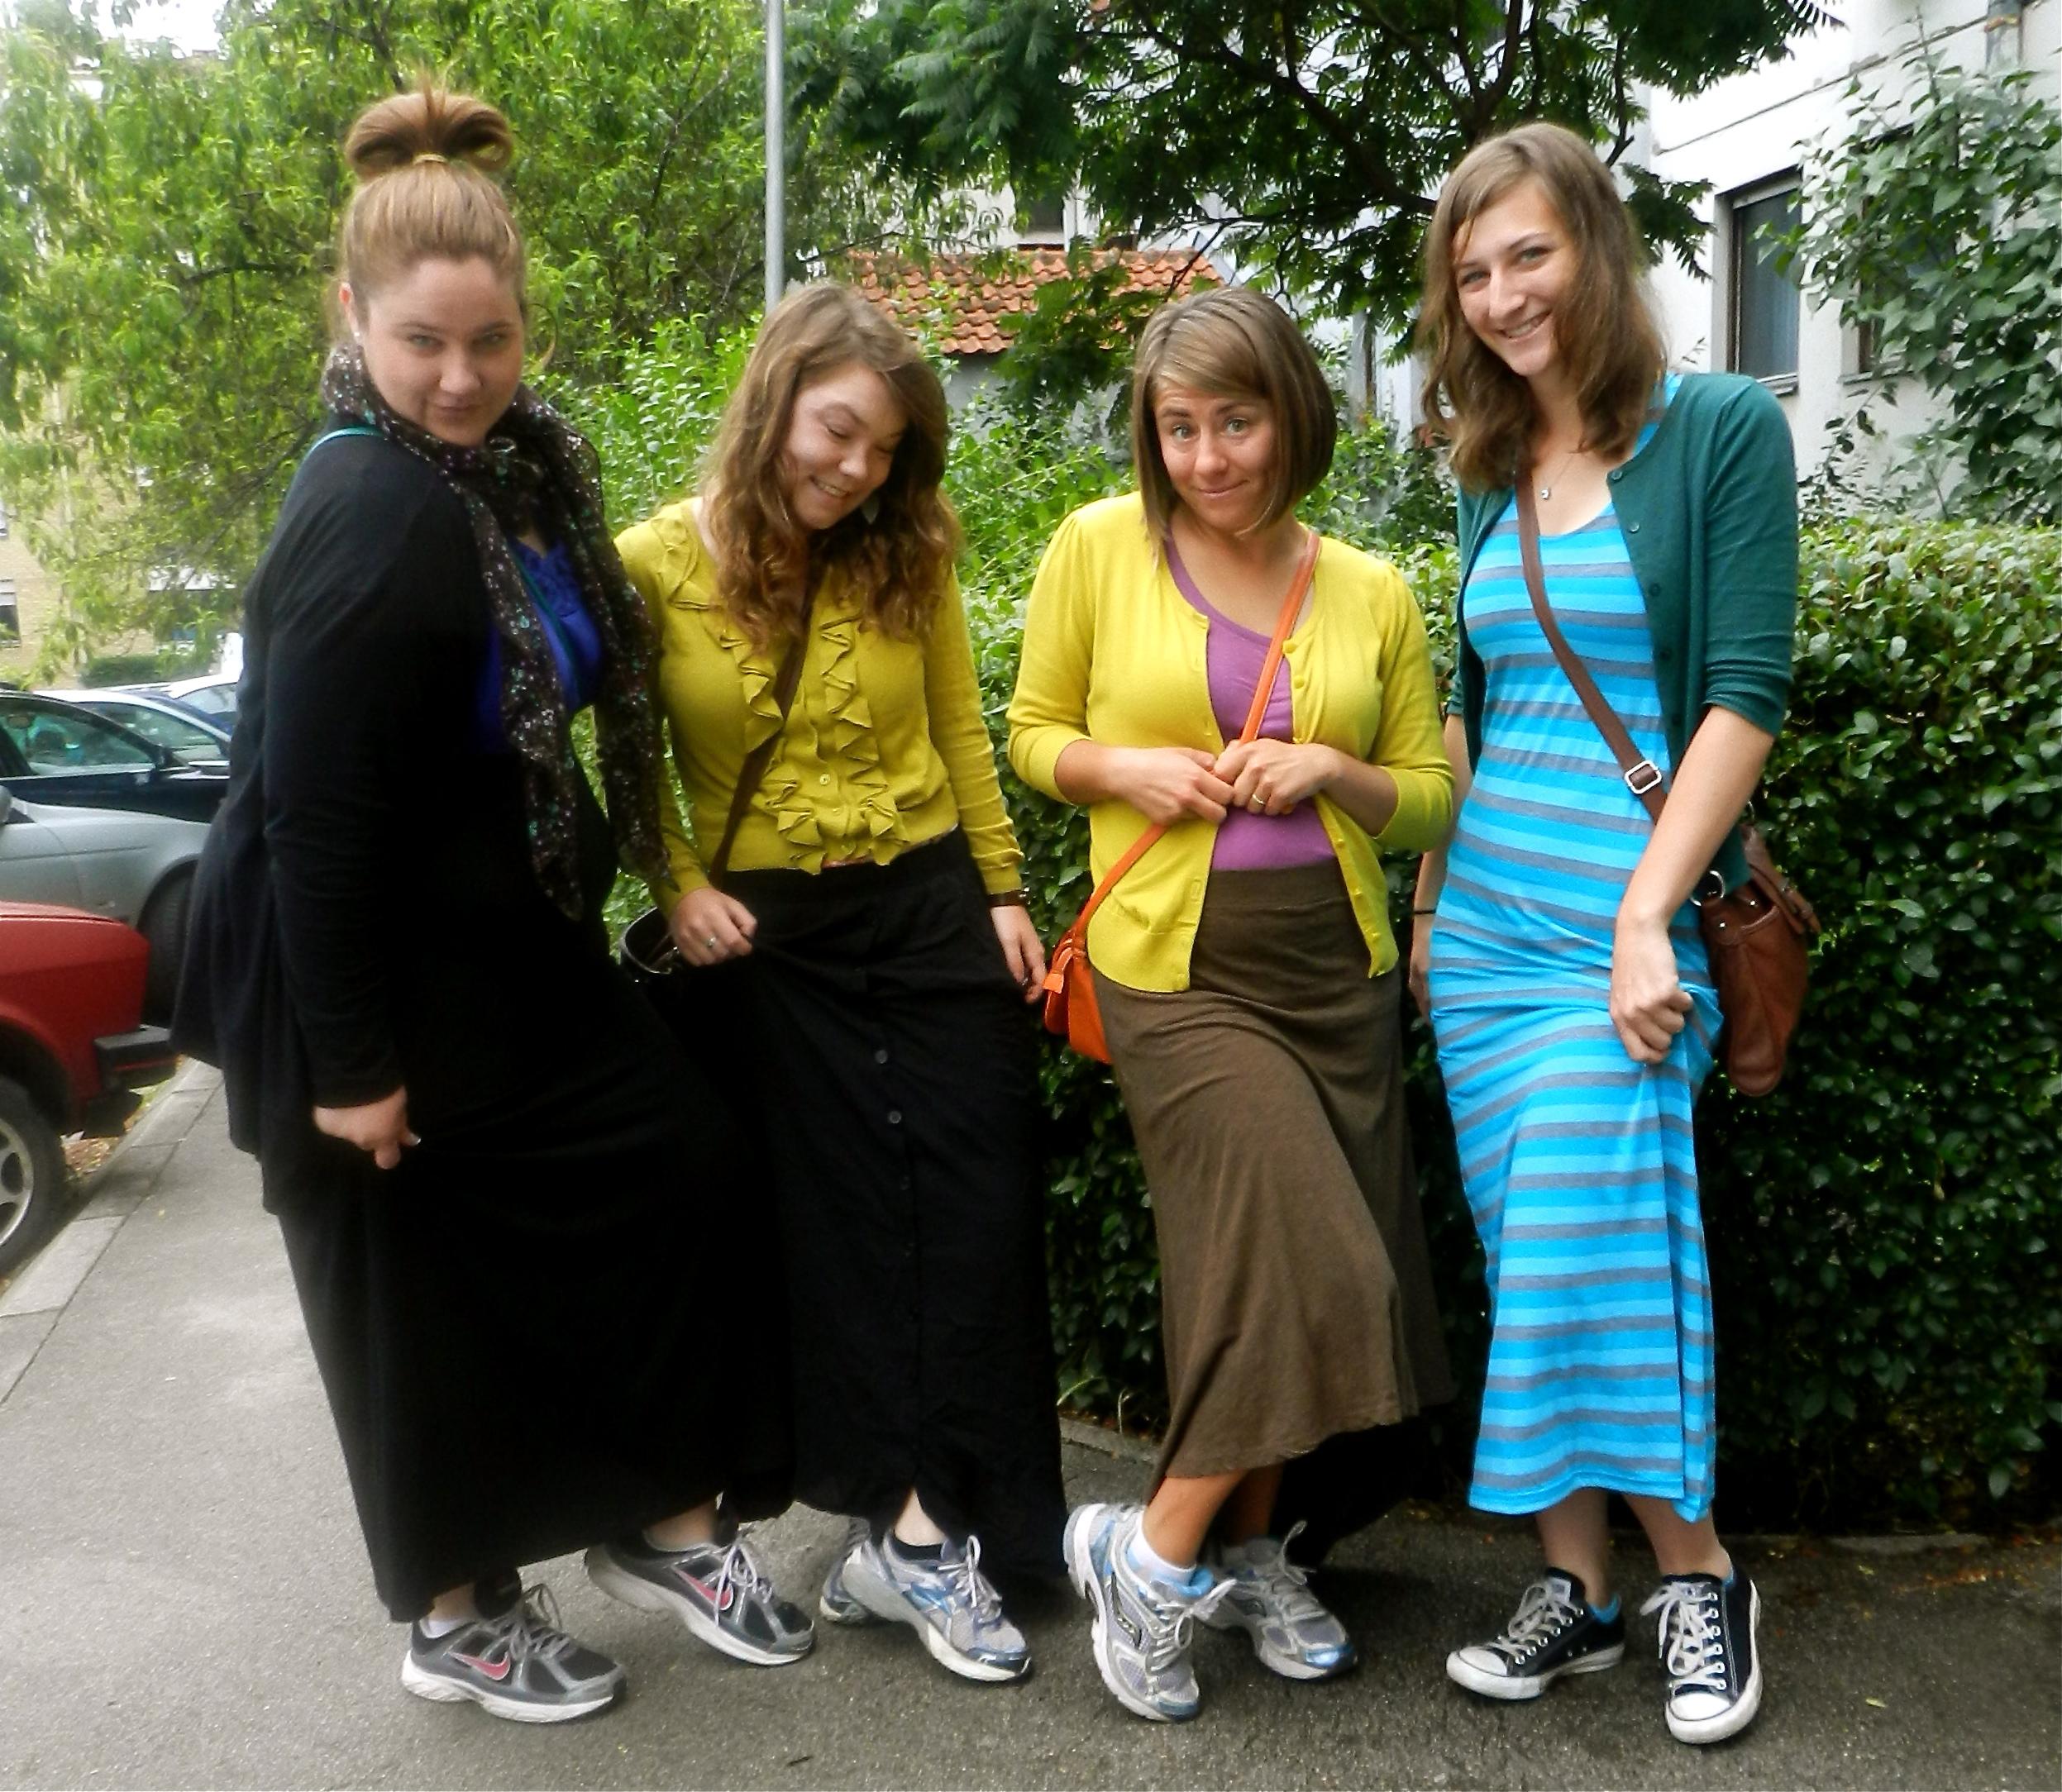 Banja luka girls